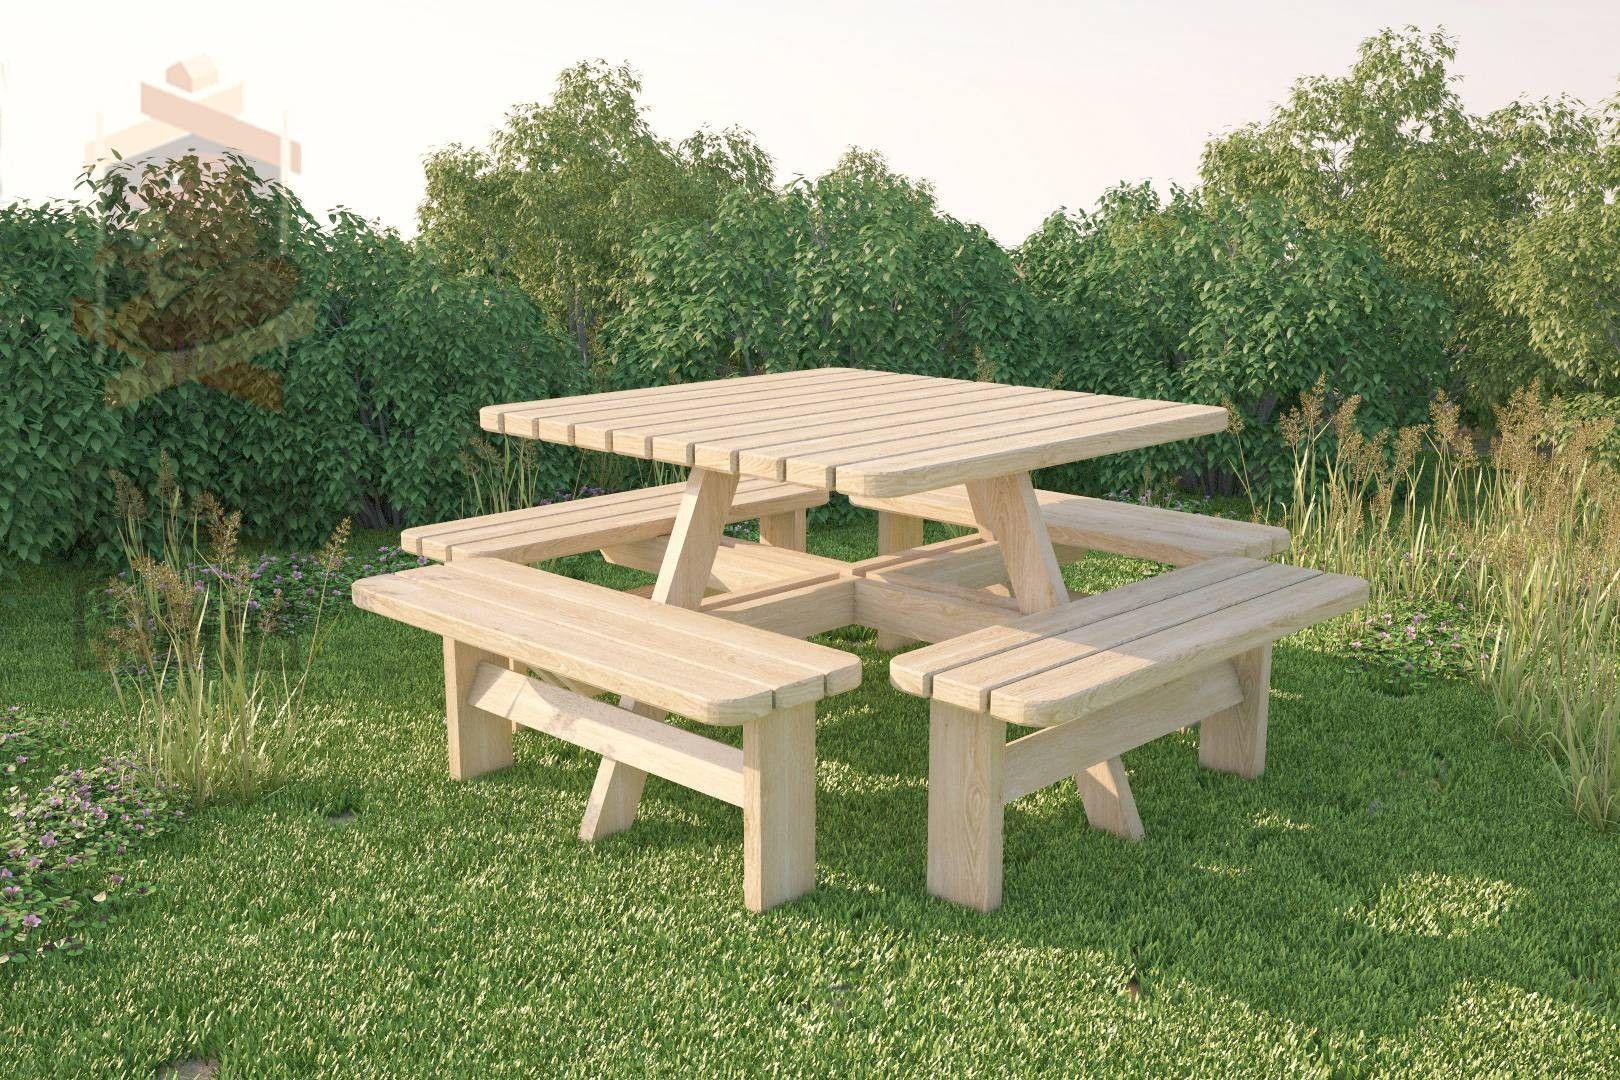 8 Seater Garden Seats | Garden seating, Wooden garden ...